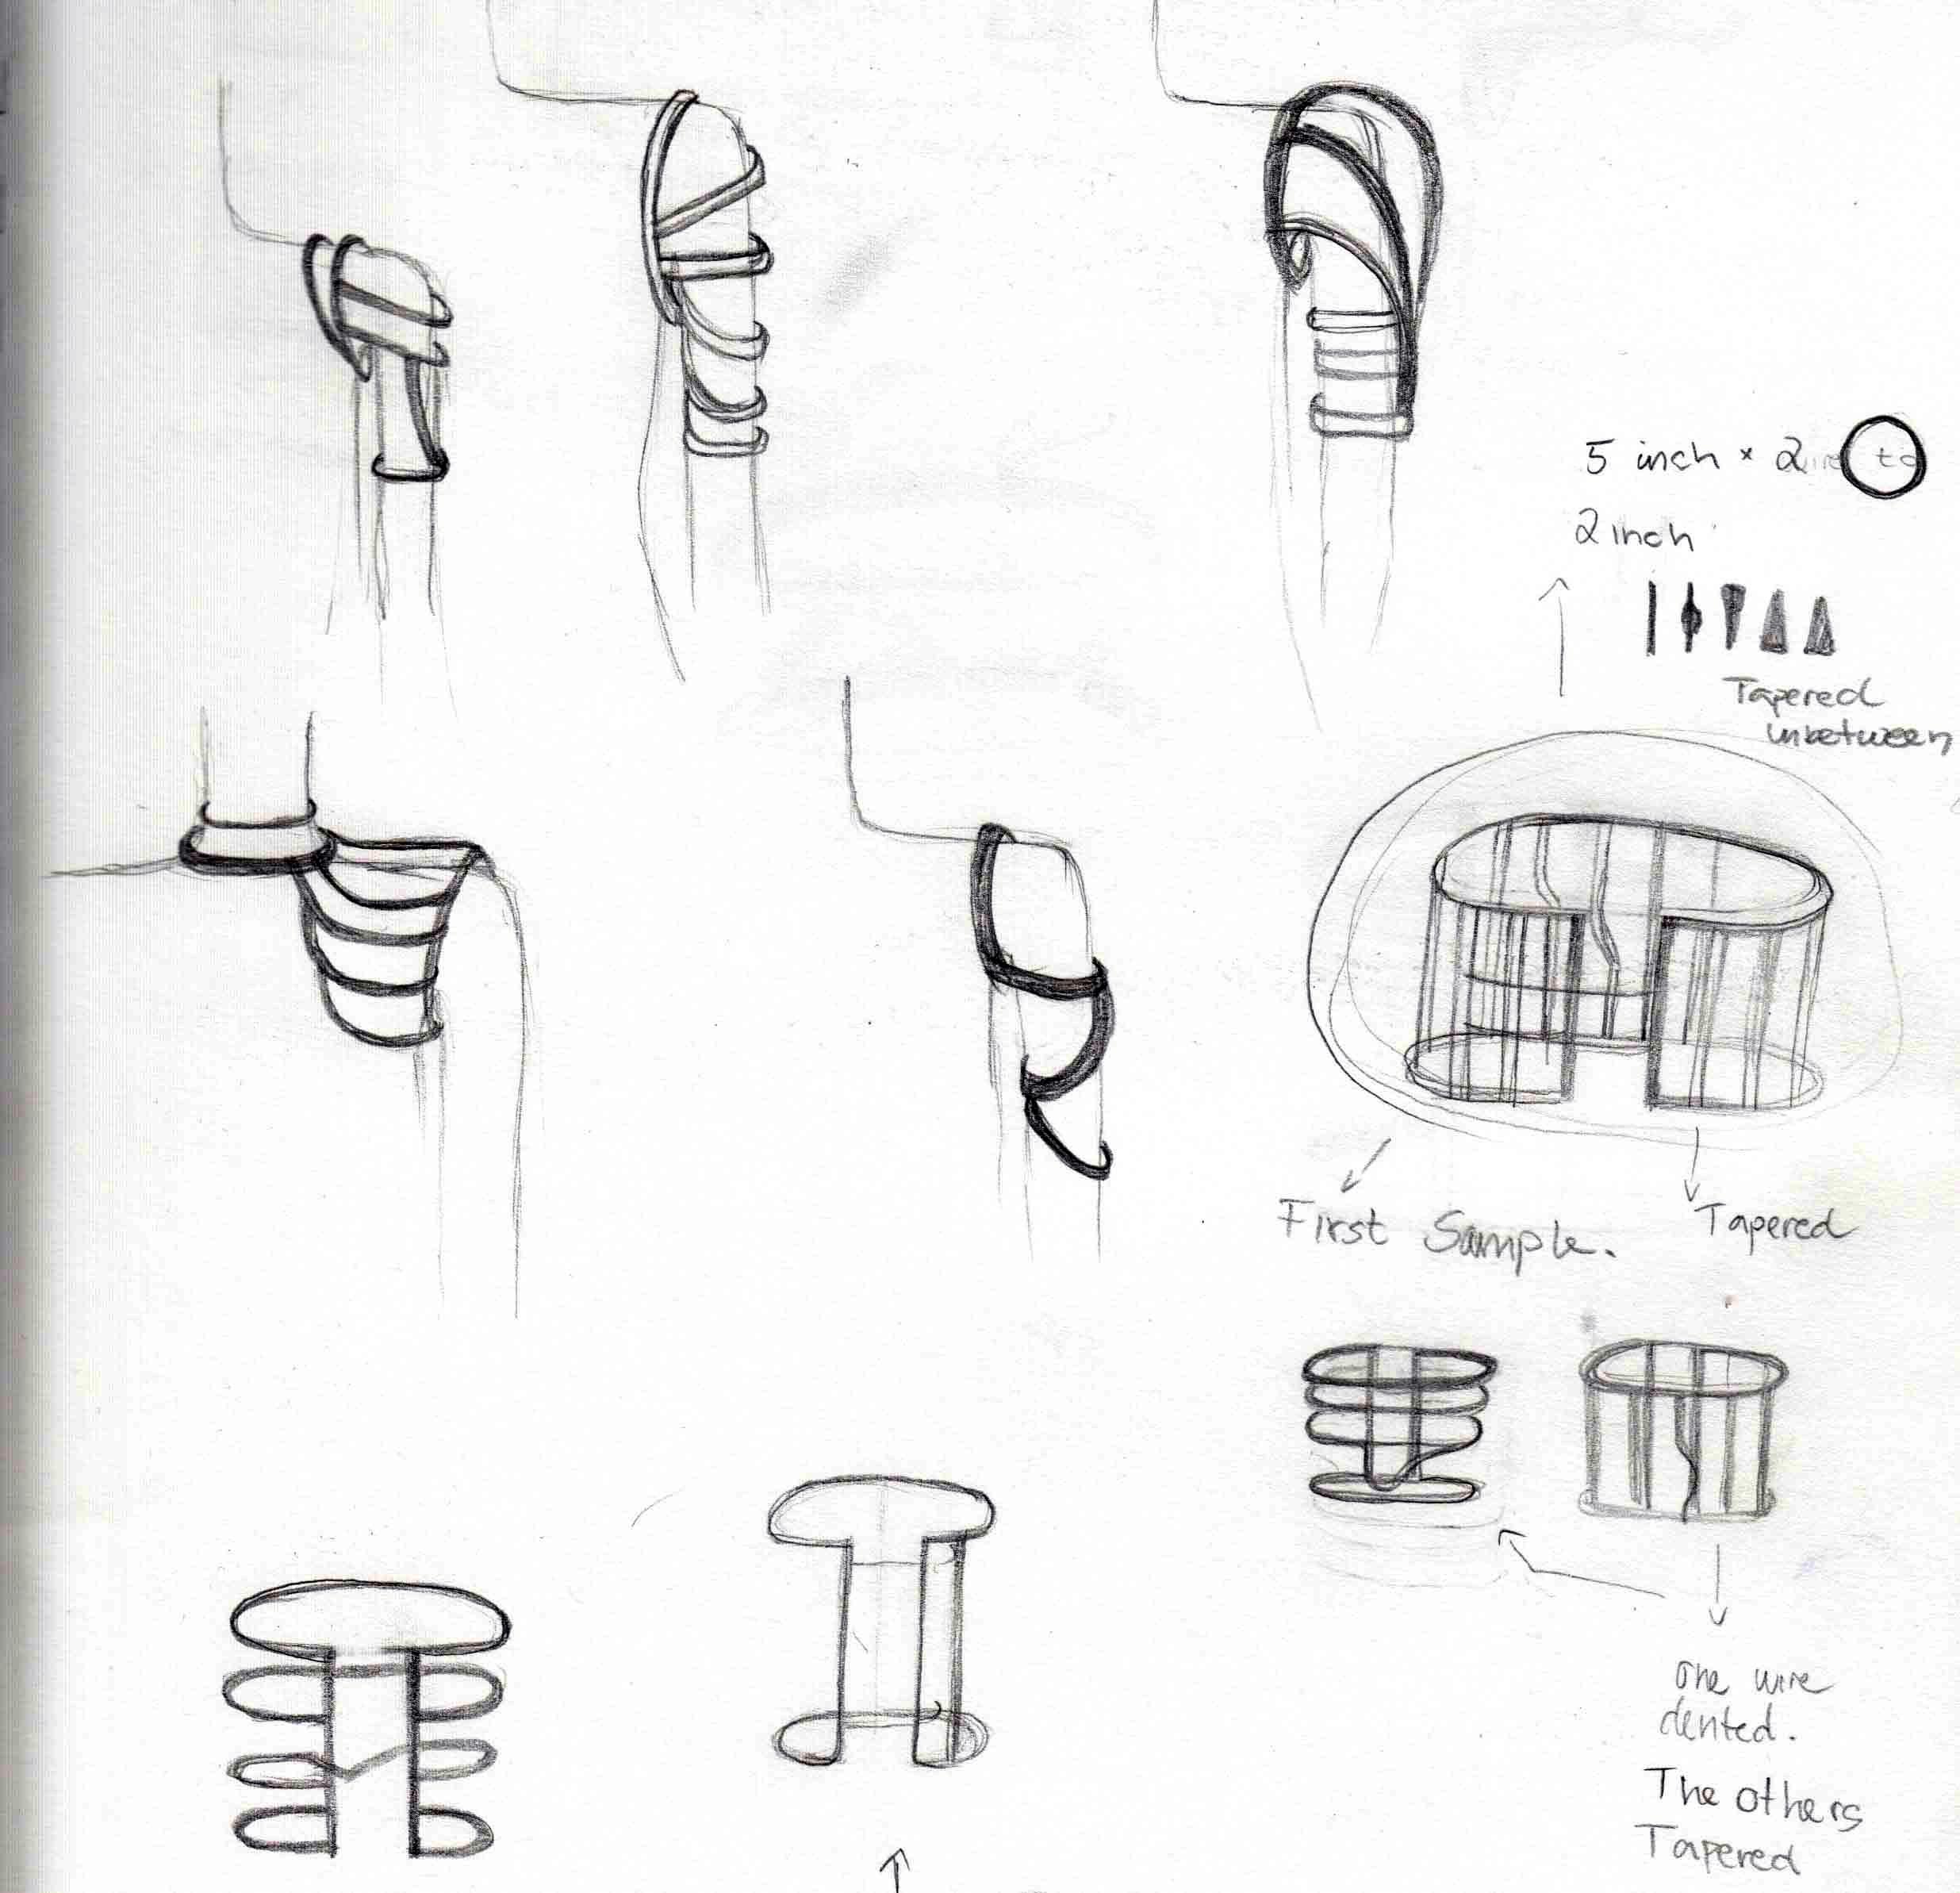 06b-Eirin-Midtskogseter-Sketches-2